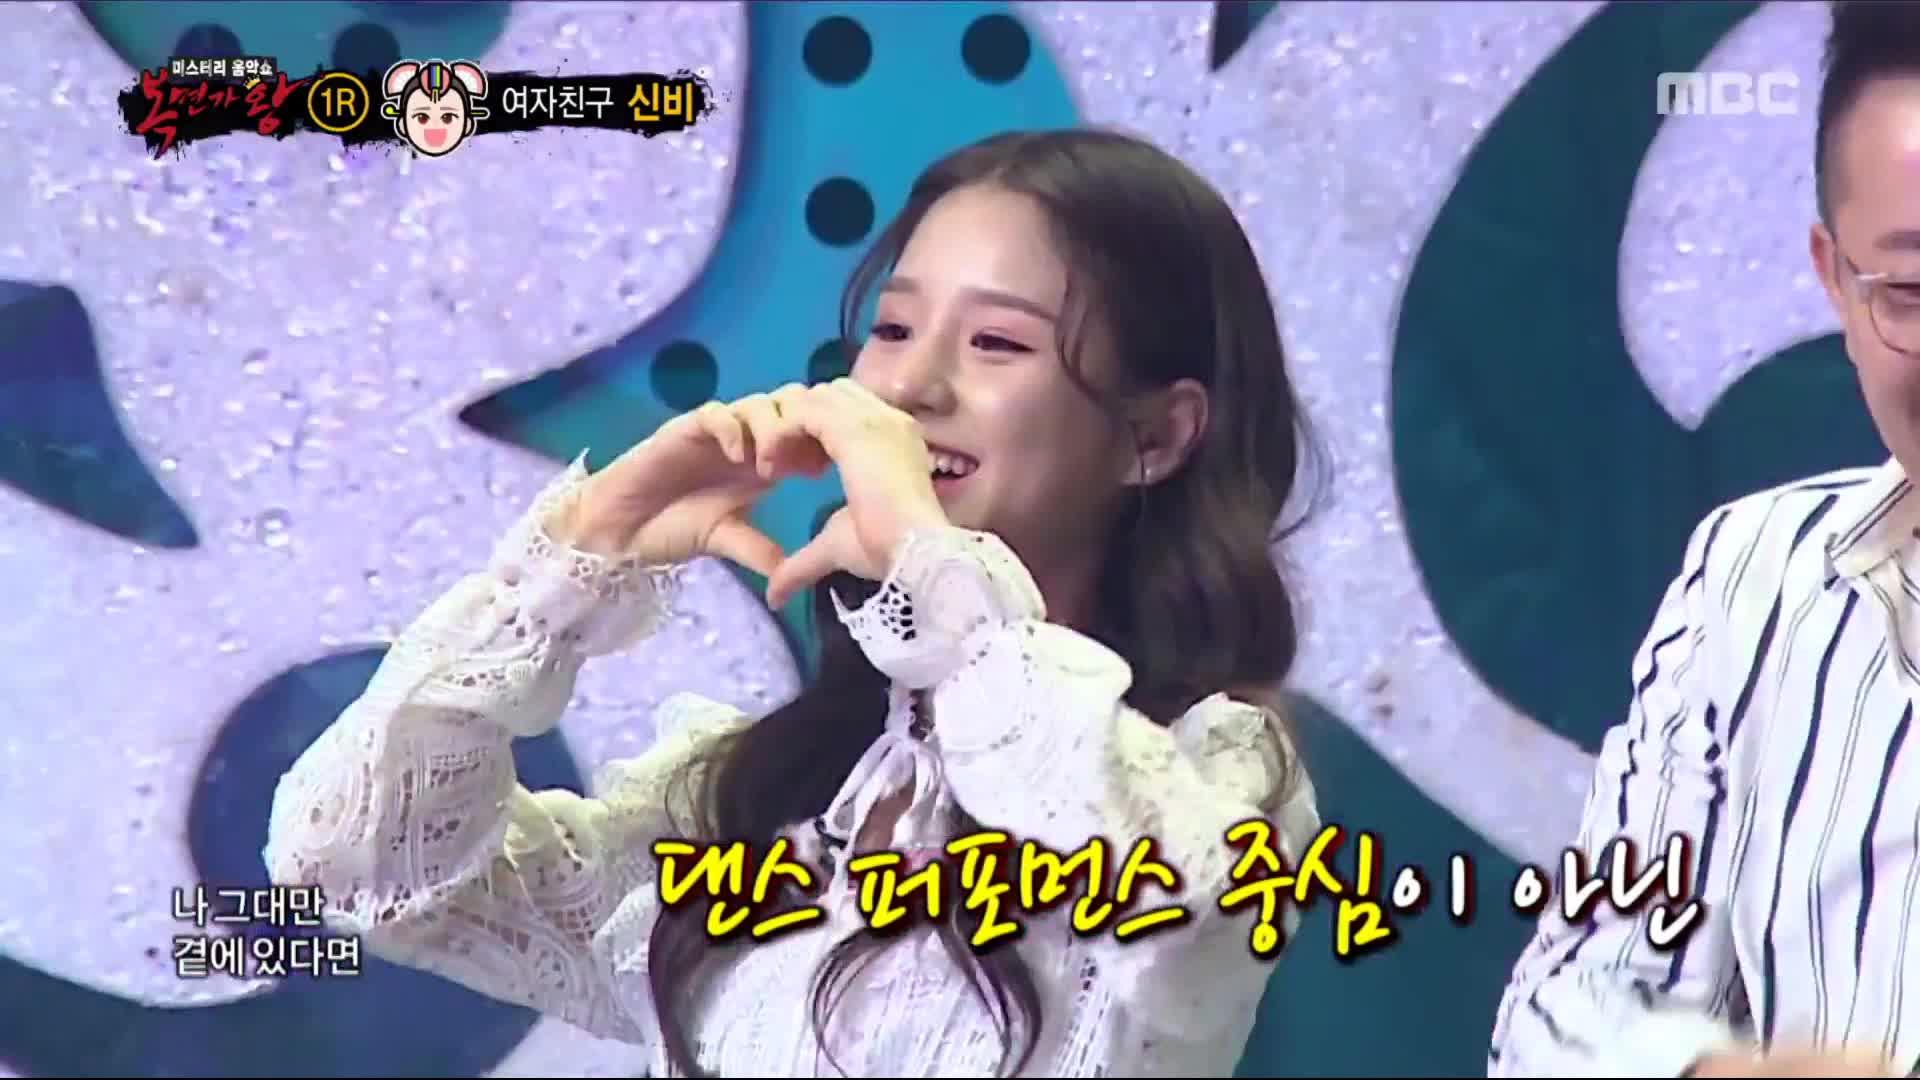 heart, heejin, king of masked singer, love, Heejin heart at king of masked singer GIFs